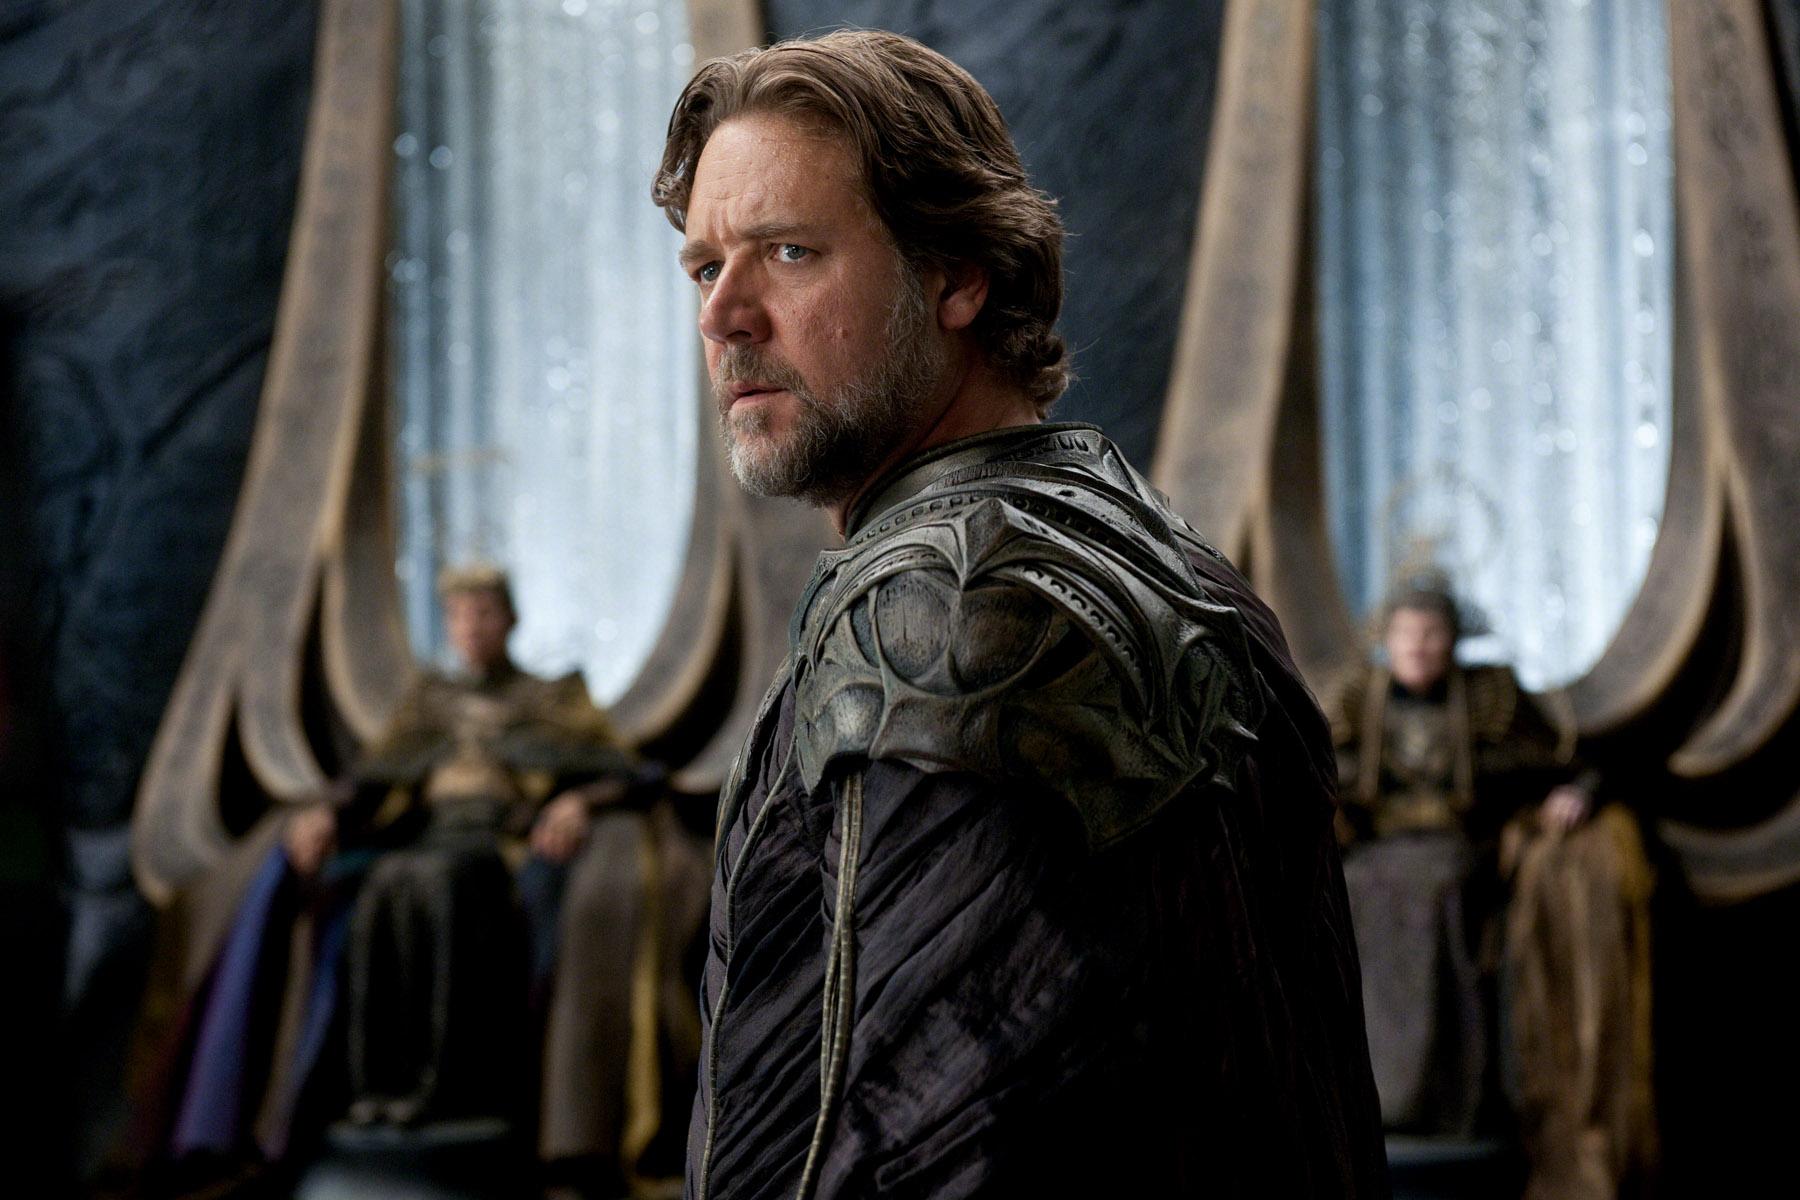 Jor-el (Russell Crowe) in Man of Steel (2013)